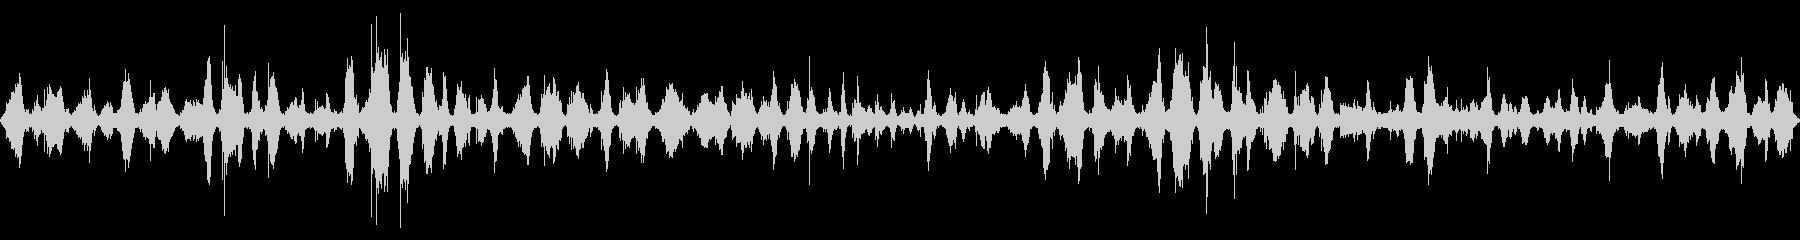 大浜海岸の波の音 11 【徳島】の未再生の波形